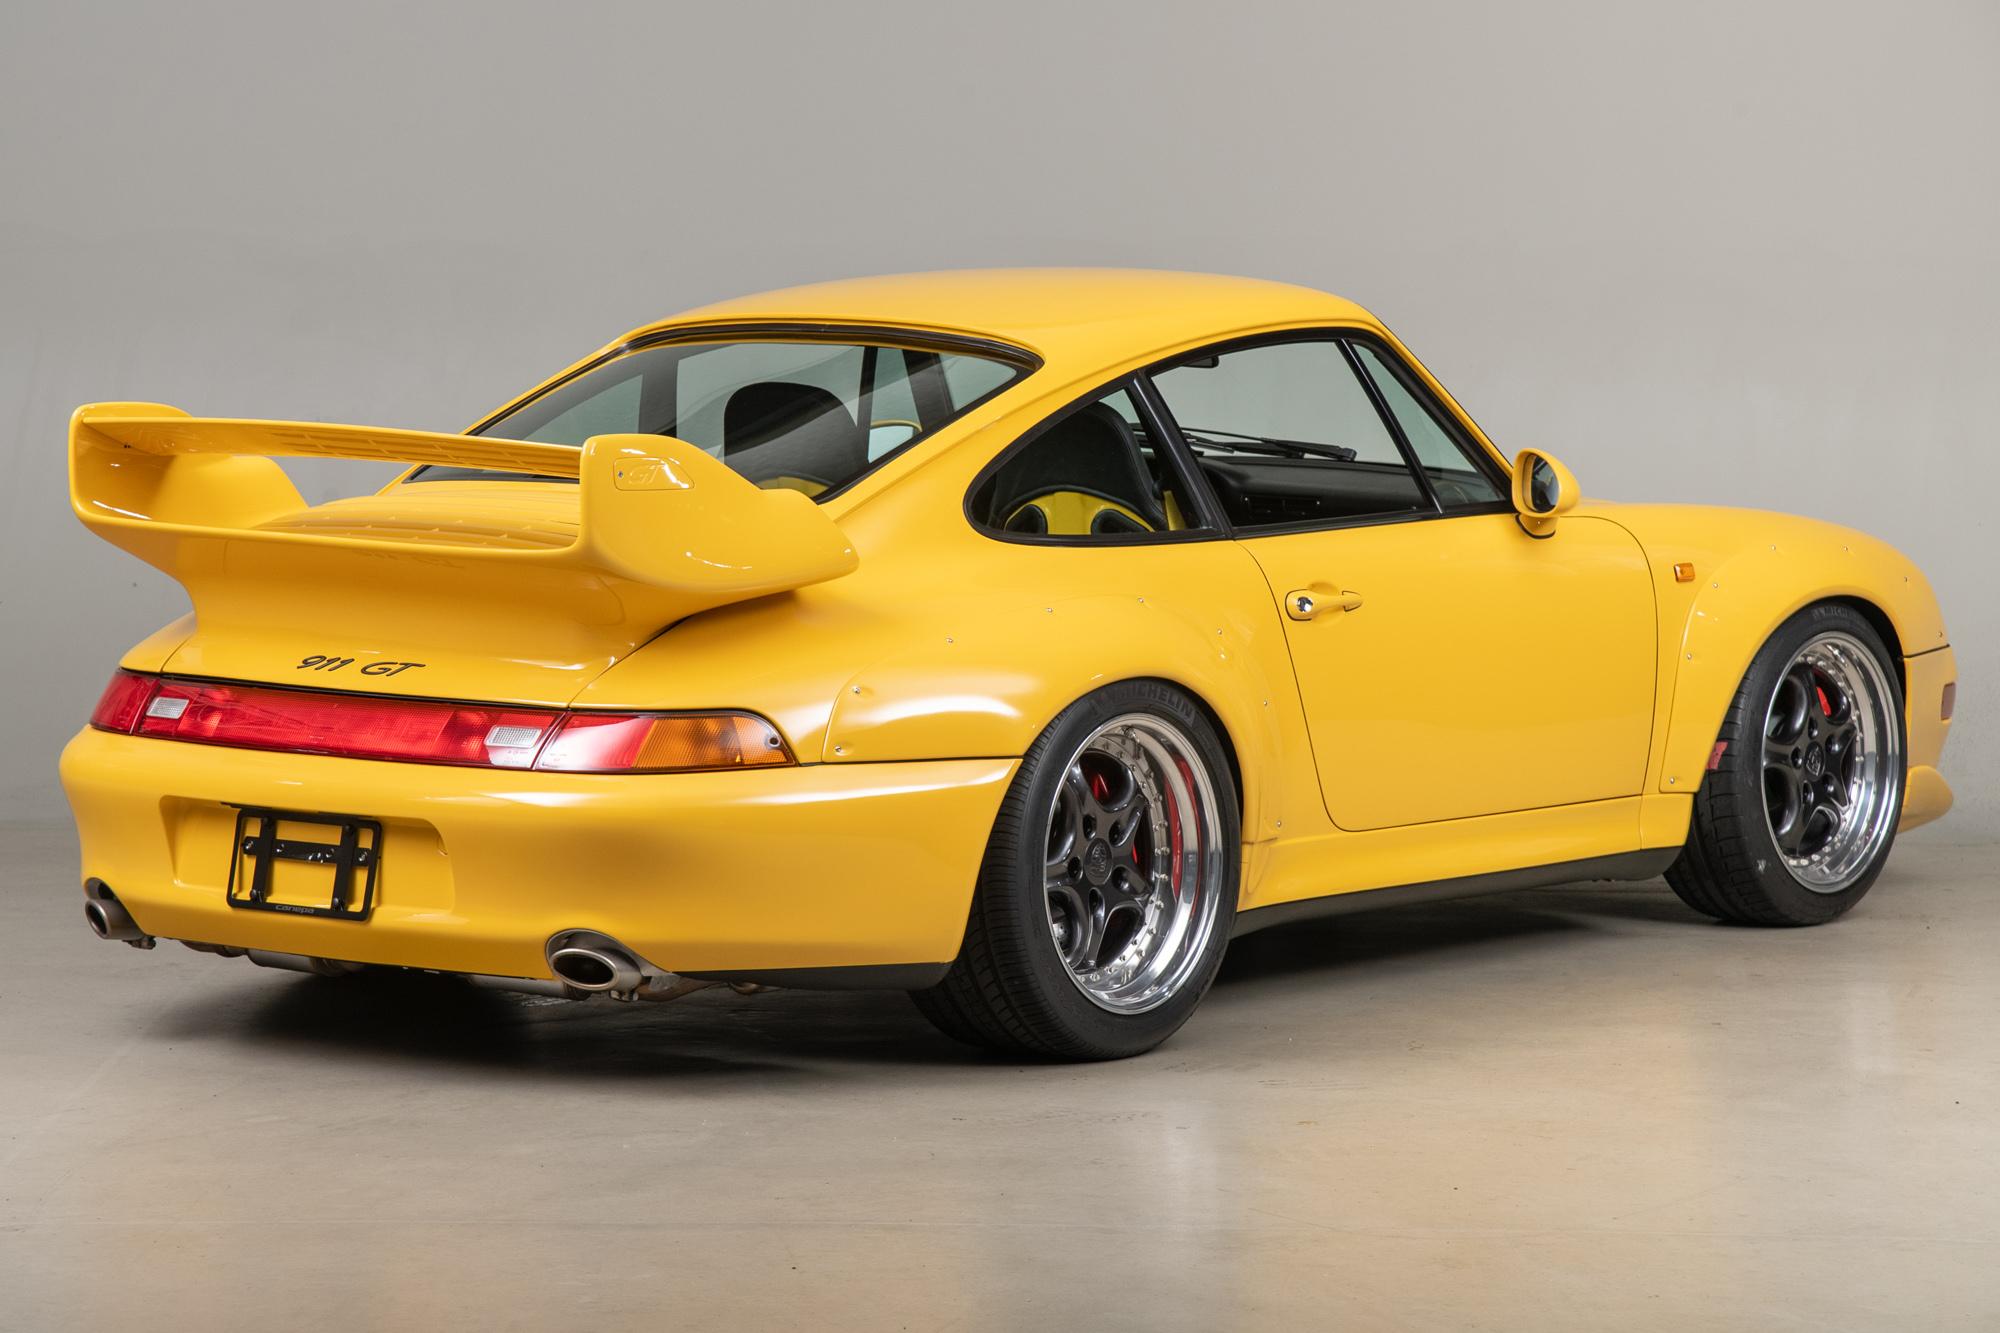 1996 Porsche 911 GT2 , SPEED YELLOW, VIN WP0ZZZ99ZTS392194, MILEAGE 26321